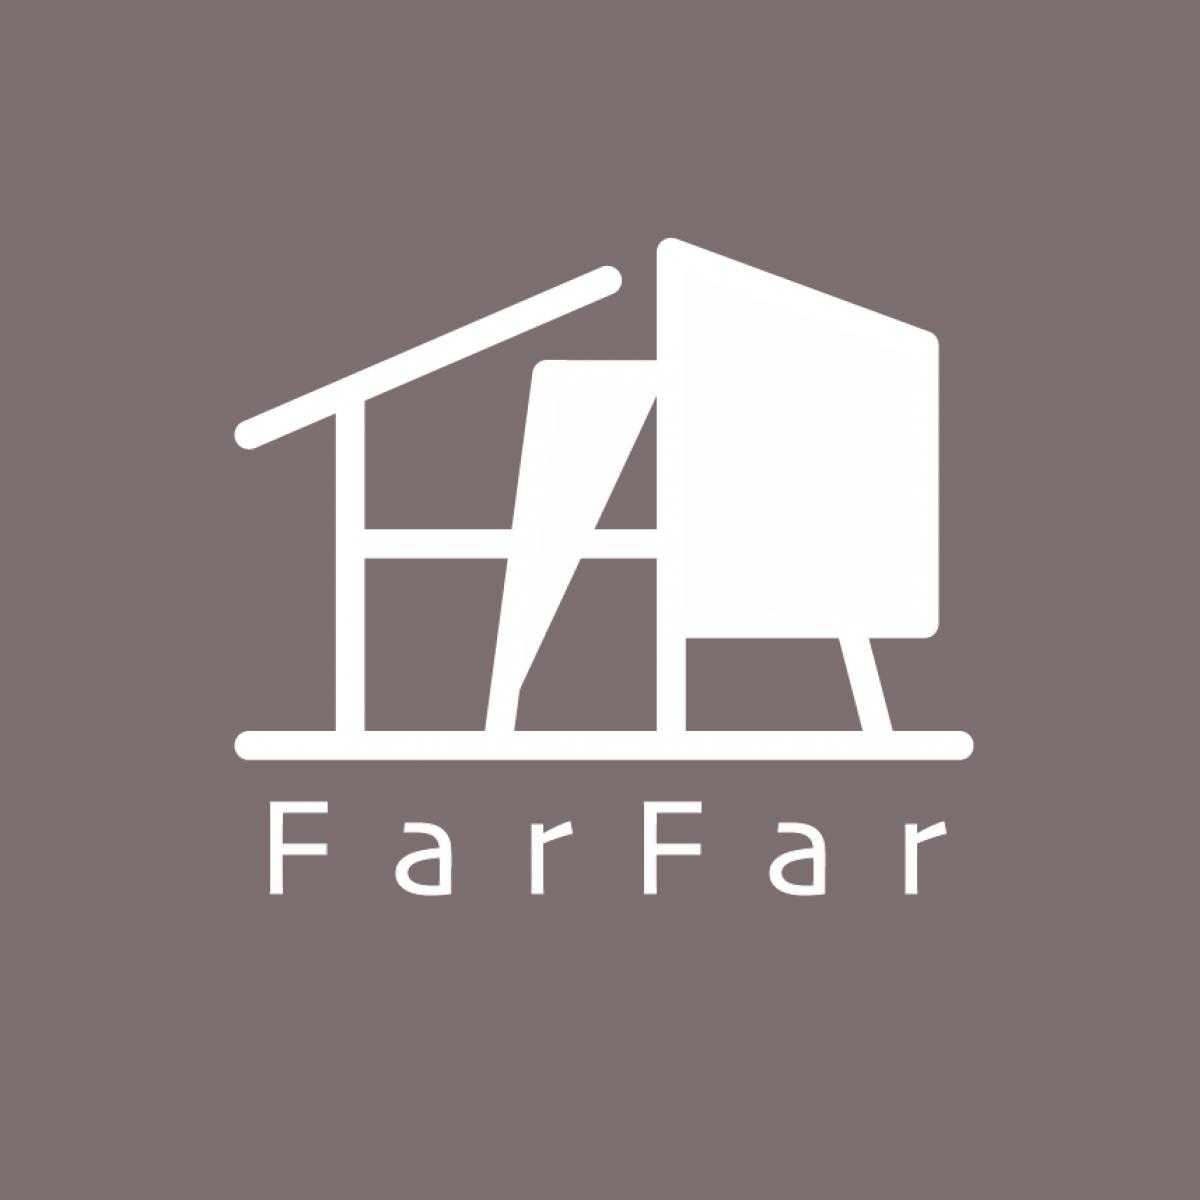 FarFar軟裝教育機構